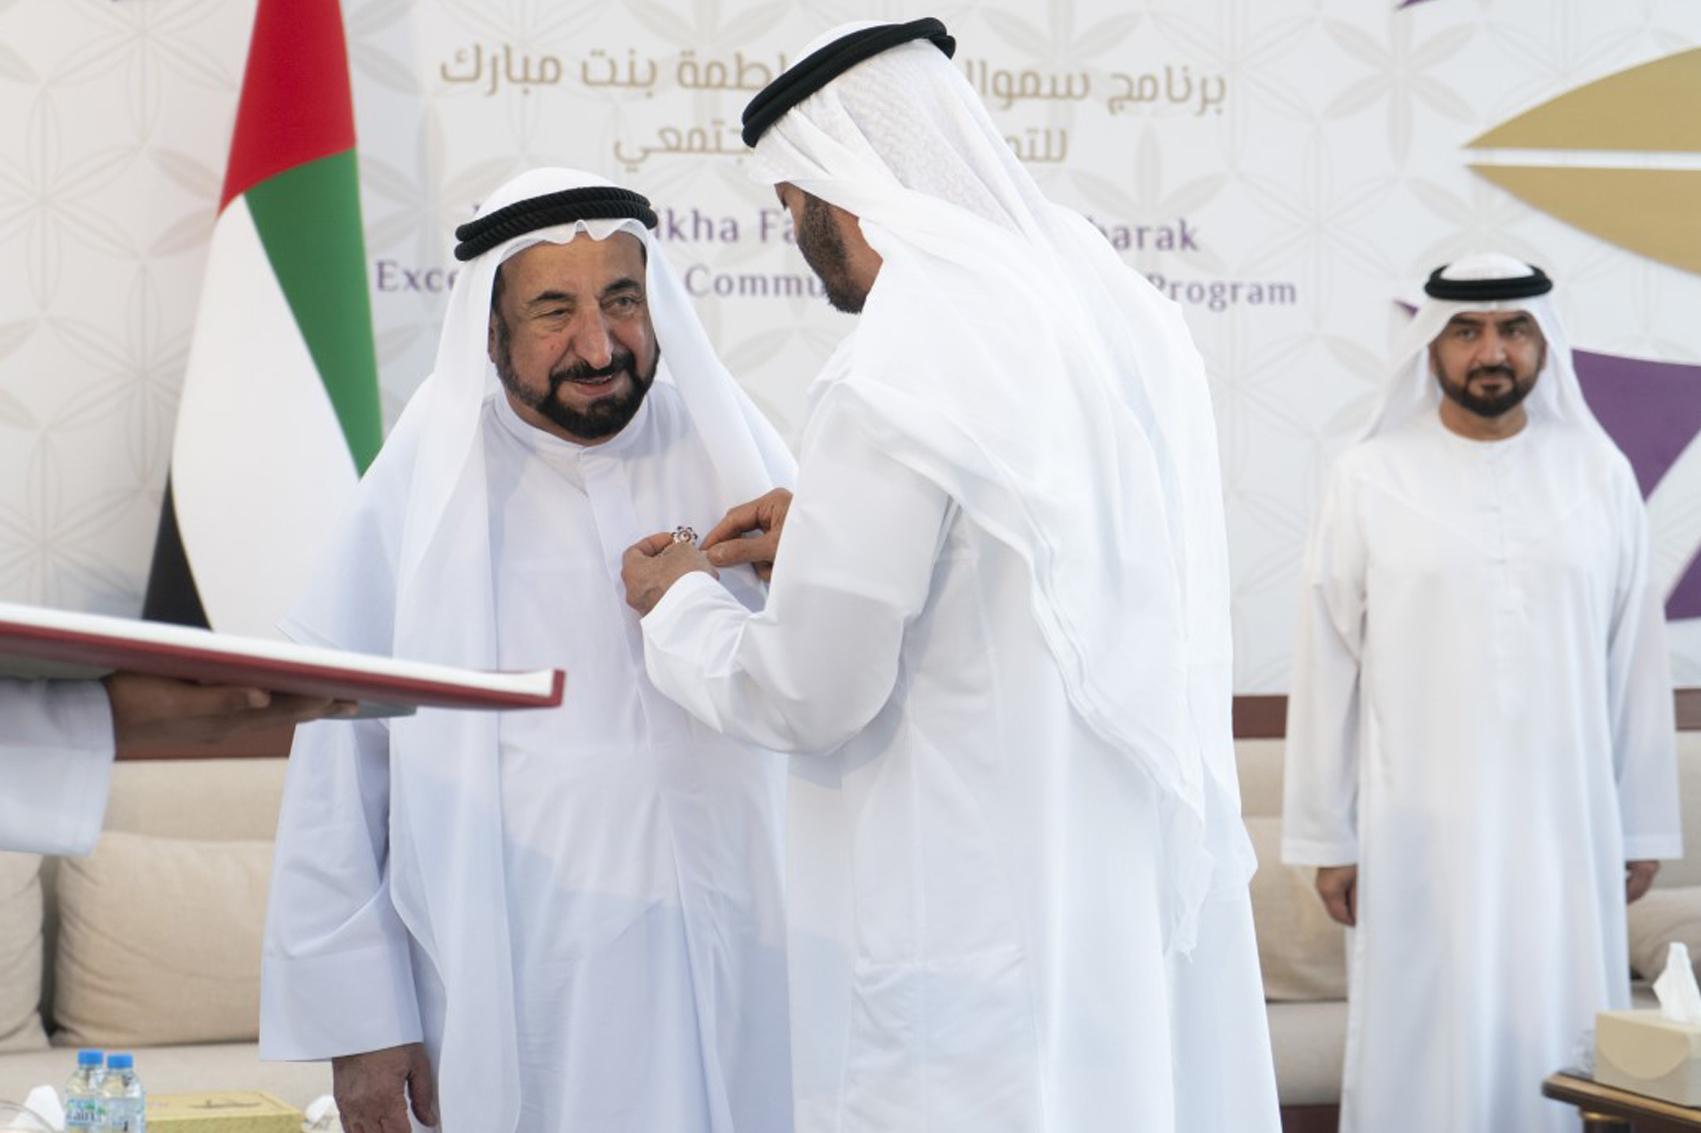 محمد بن زايد يقلد سلطان القاسمي «وسام أم الإمارات»